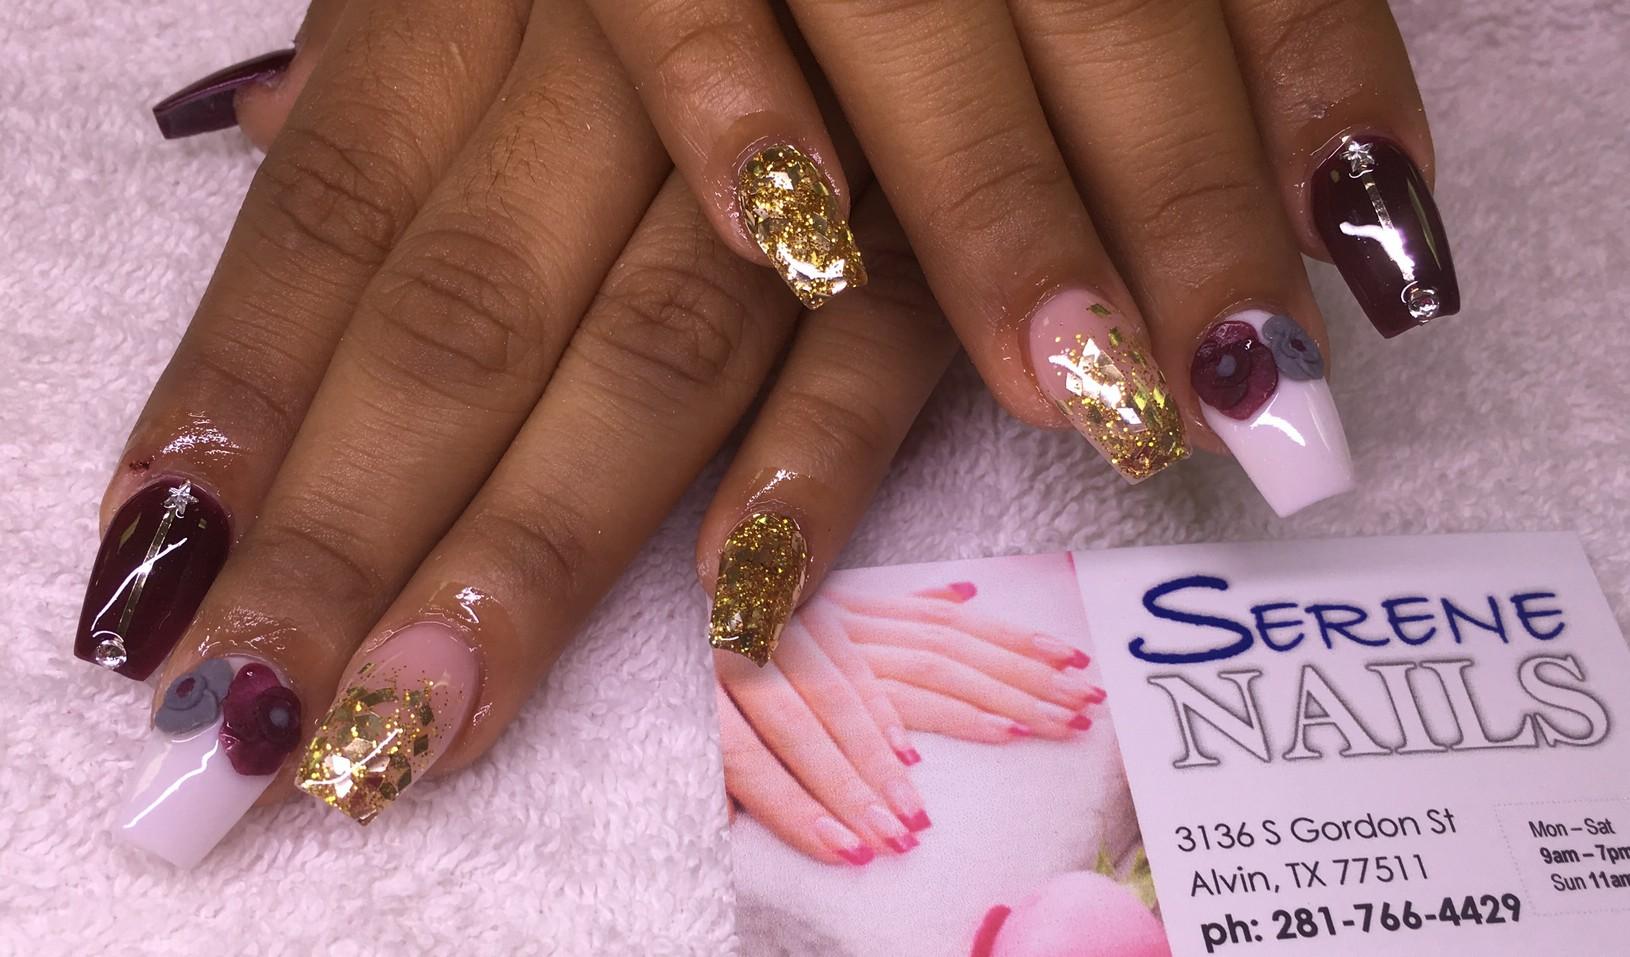 Serene Nails image 82